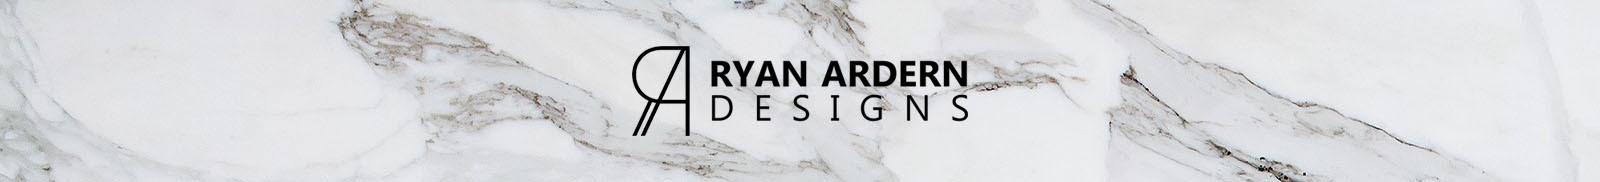 Ryan Ardern Designs Store